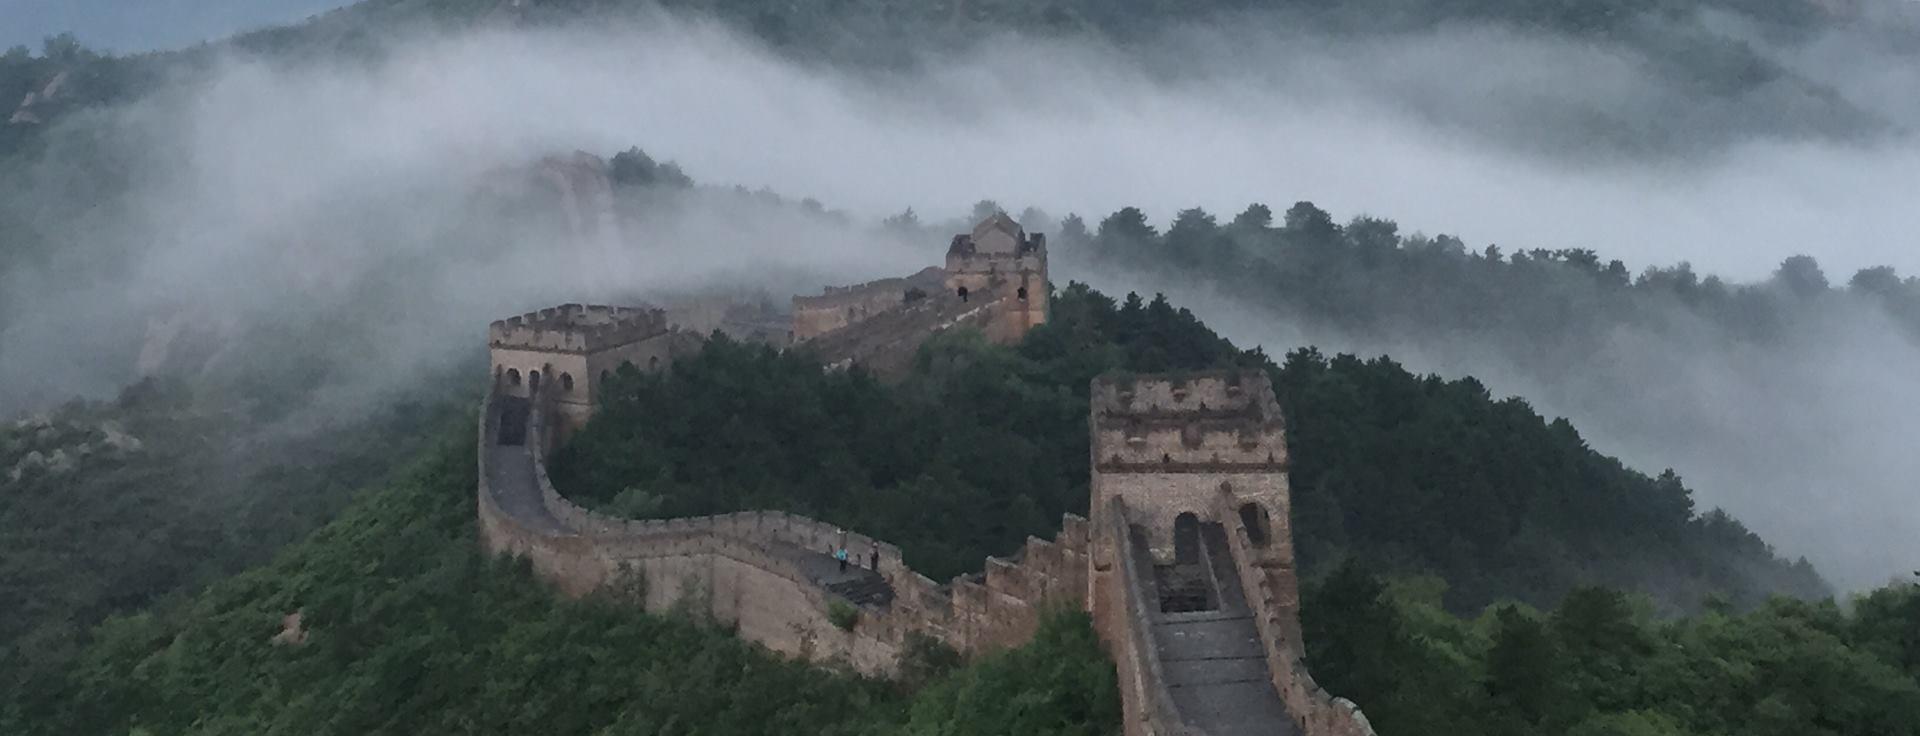 SVJETSKO ČUDO Kineski zid kod Jinshanlinga u magli